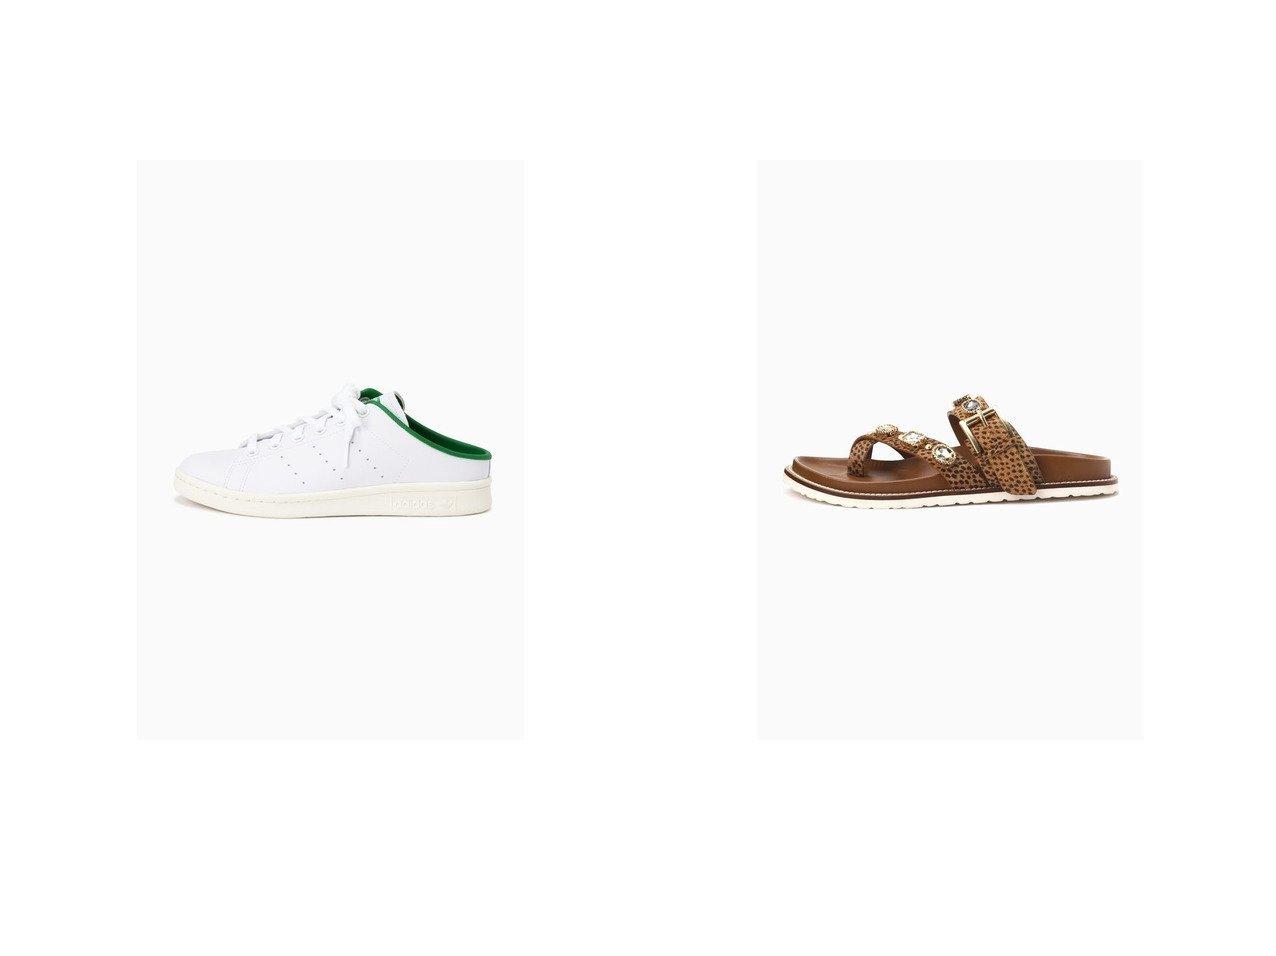 【ROSE BUD/ローズバッド】のジュエルストラップサンダル&スタンスミス ミュール 【シューズ・靴】おすすめ!人気トレンド・レディースファッション通販 おすすめで人気の流行・トレンド、ファッションの通販商品 インテリア・家具・メンズファッション・キッズファッション・レディースファッション・服の通販 founy(ファニー) https://founy.com/ ファッション Fashion レディースファッション WOMEN 2021年 2021 2021春夏・S/S SS/Spring/Summer/2021 S/S・春夏 SS・Spring/Summer サンダル シンプル ジュエル スタッズ ラップ 人気 夏 Summer 春 Spring  ID:crp329100000050704